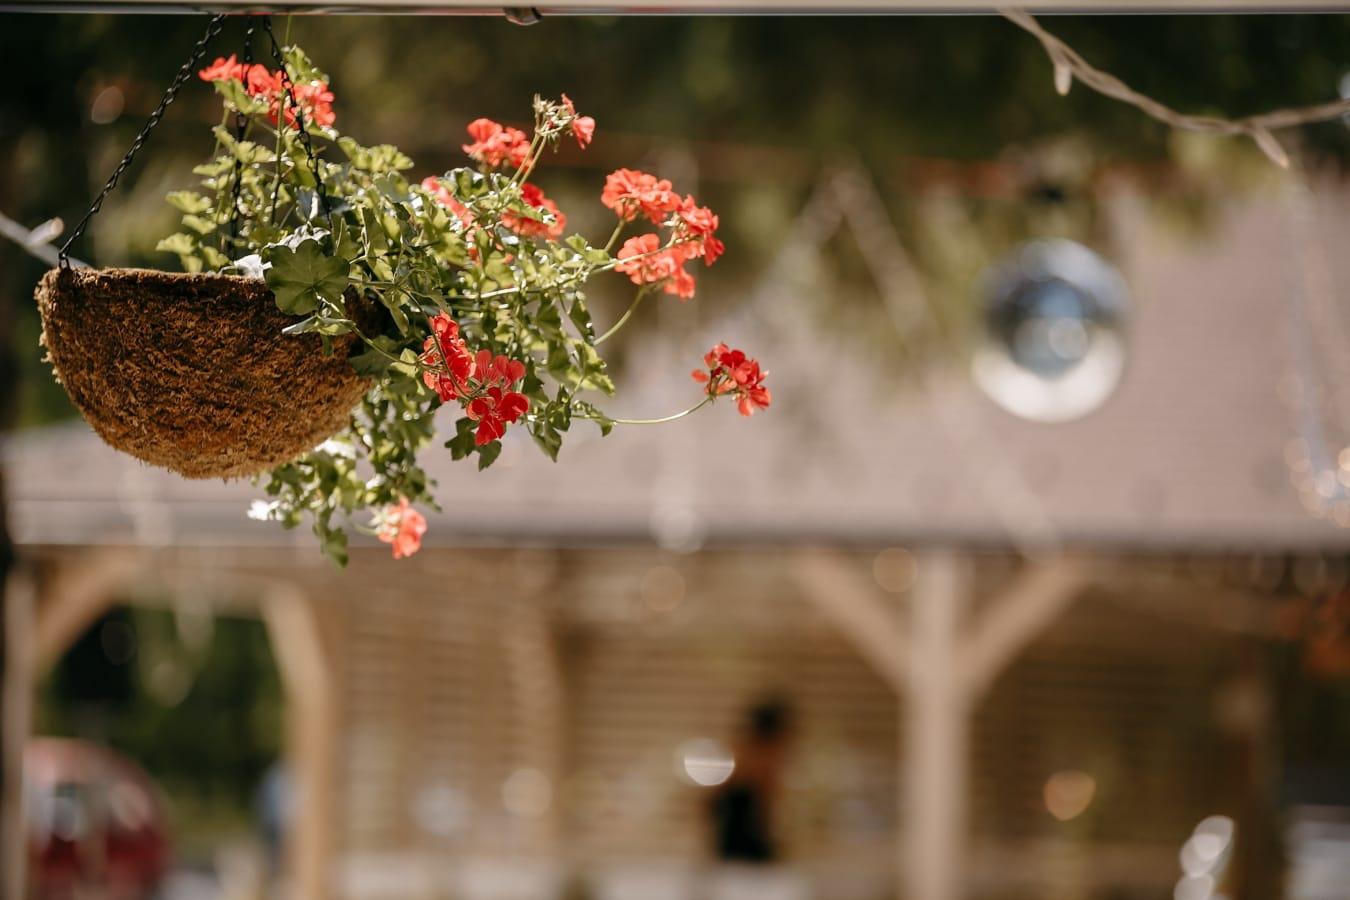 pot de fleurs, géranium, décoration, suspendu, fleur, branche, rue, été, à l'extérieur, jardin